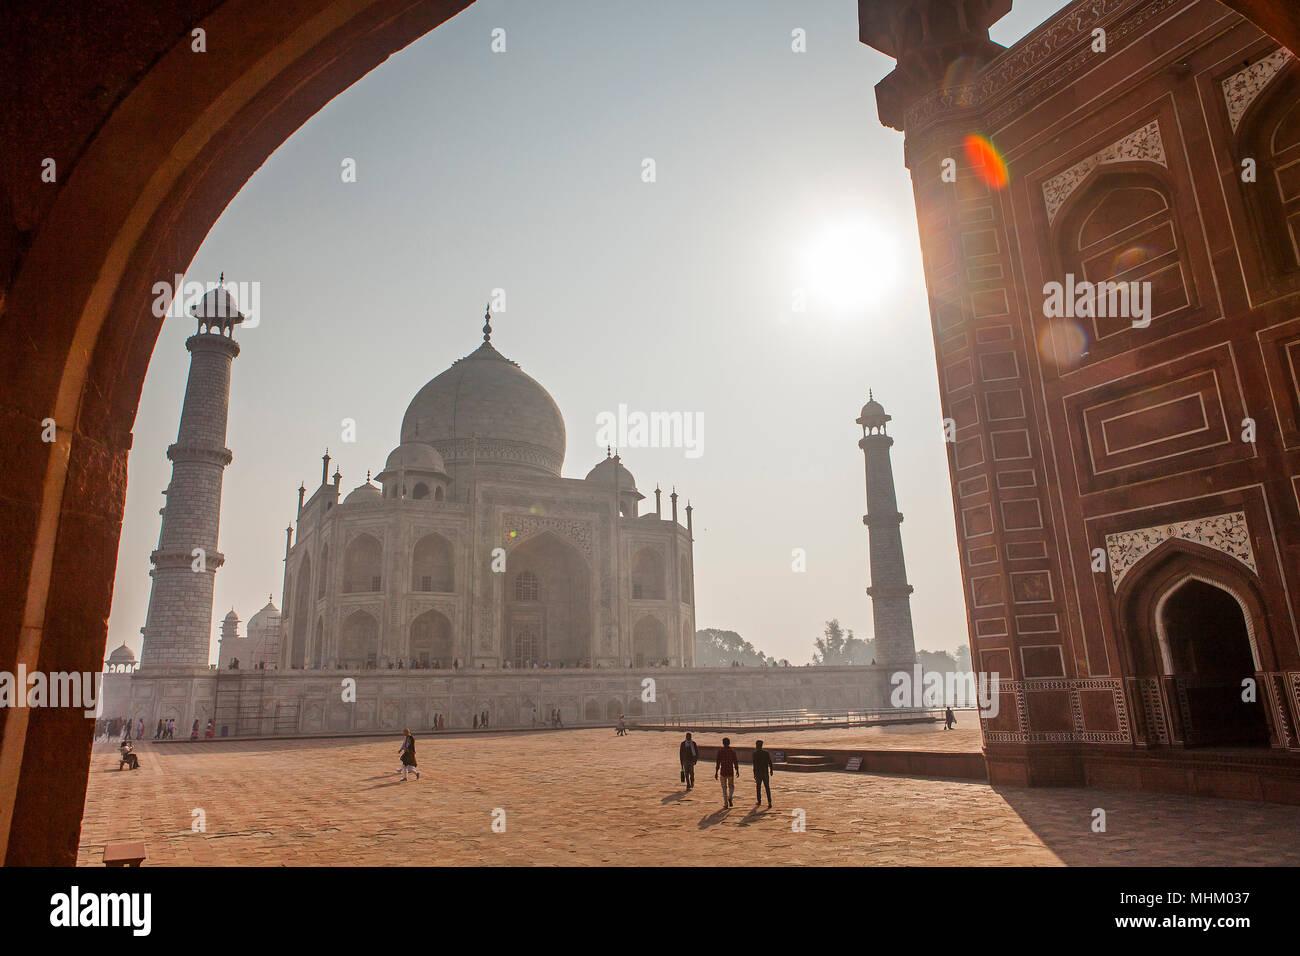 Taj Mahal, Patrimonio Mundial de la UNESCO, Agra, Uttar Pradesh, India Imagen De Stock